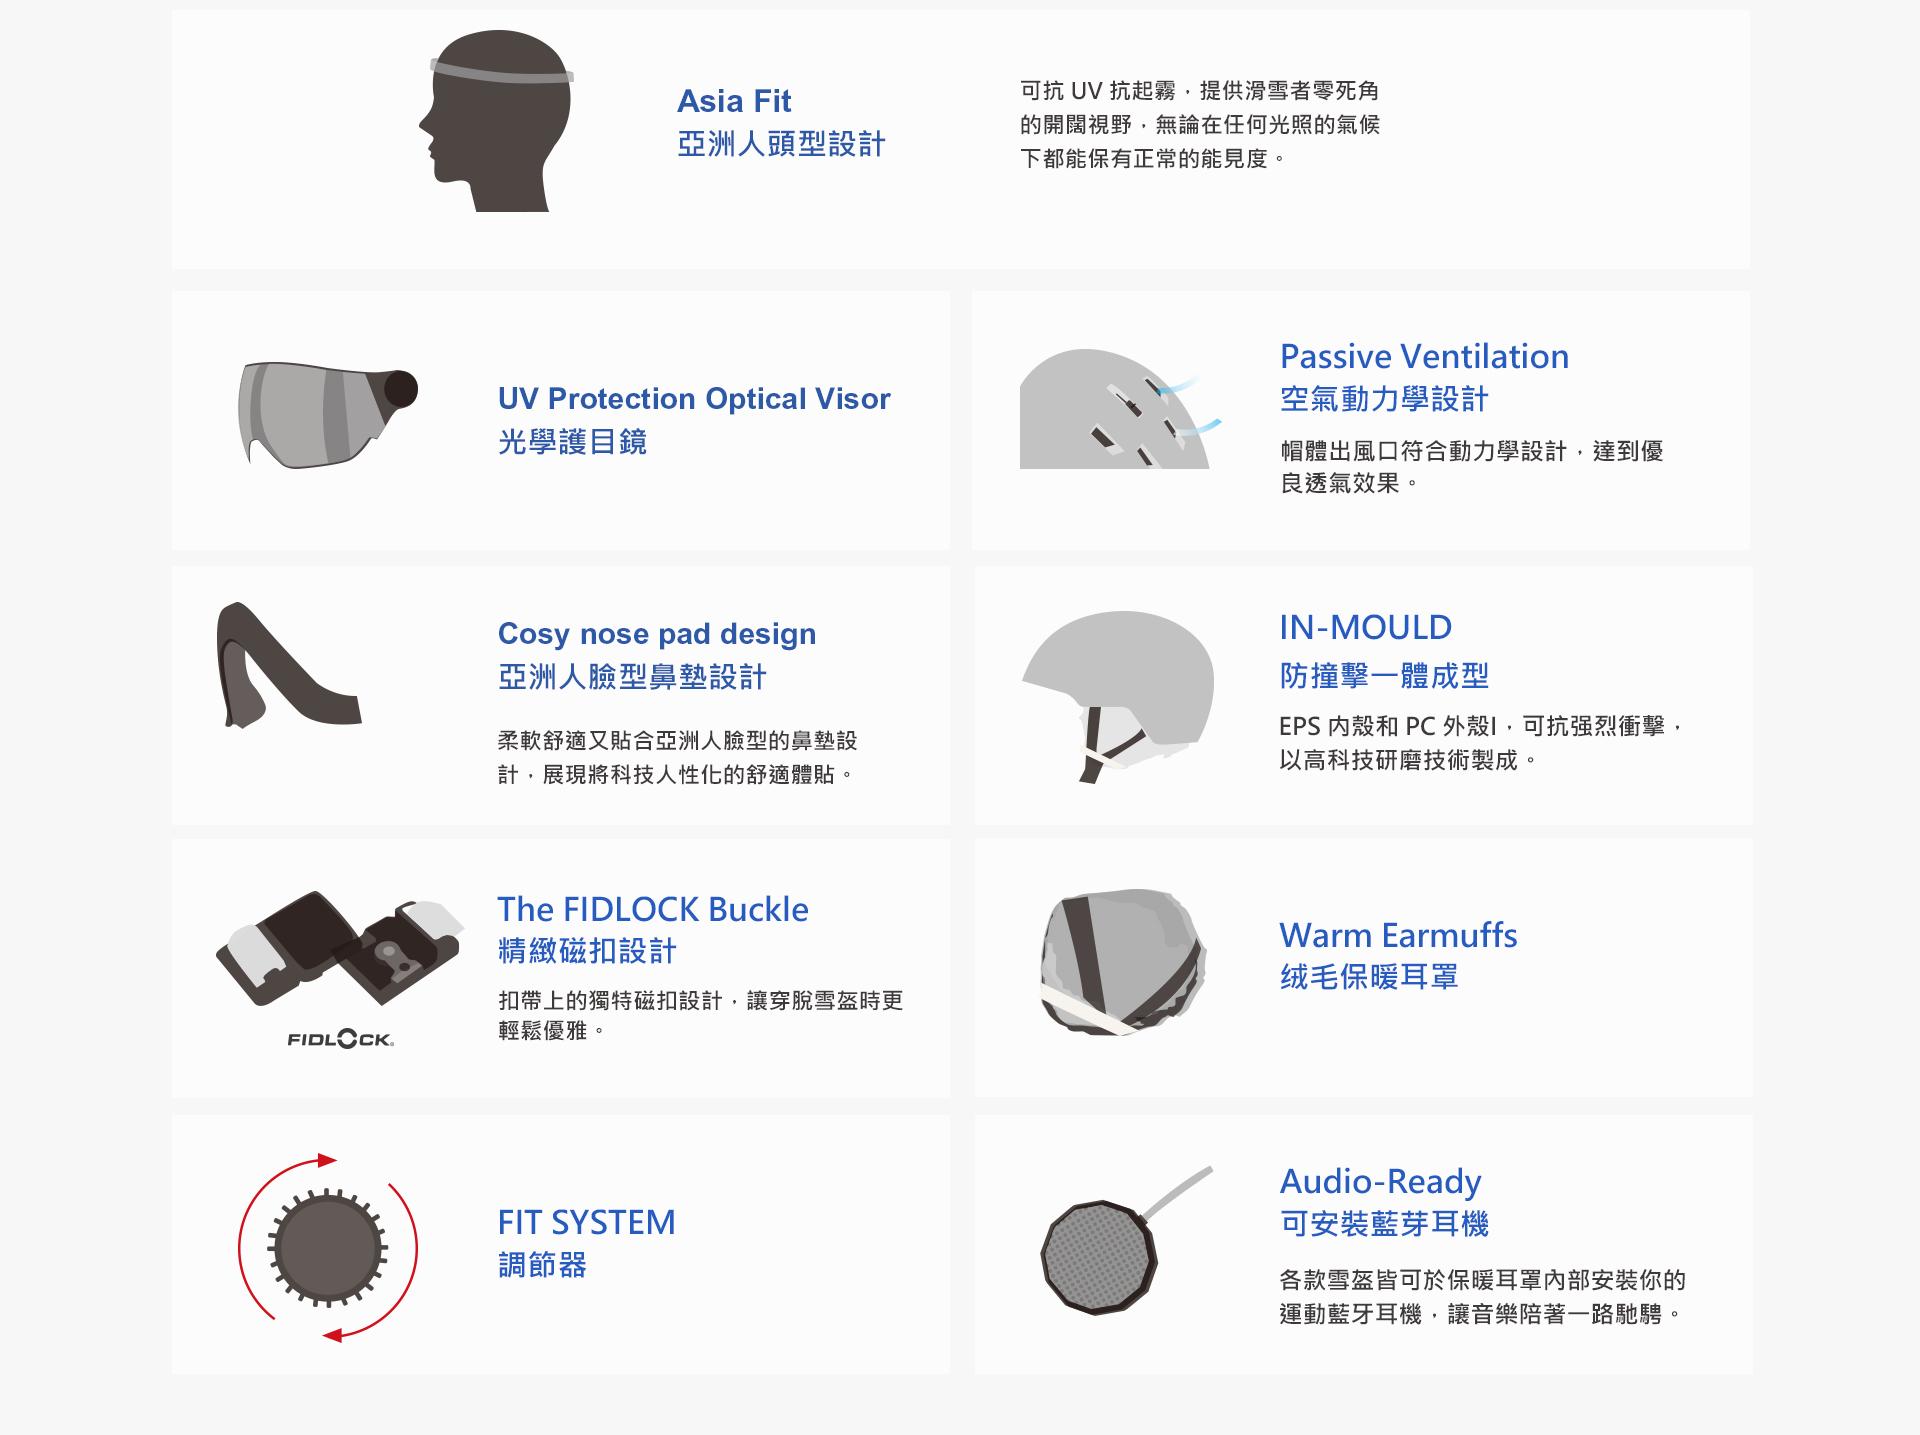 亞洲頭型 光學護目鏡 空氣動力學設計 亞洲人鼻型鼻墊設計 防撞擊一體成型 精緻磁釦設計 絨毛保暖耳罩 調節器 藍牙耳機